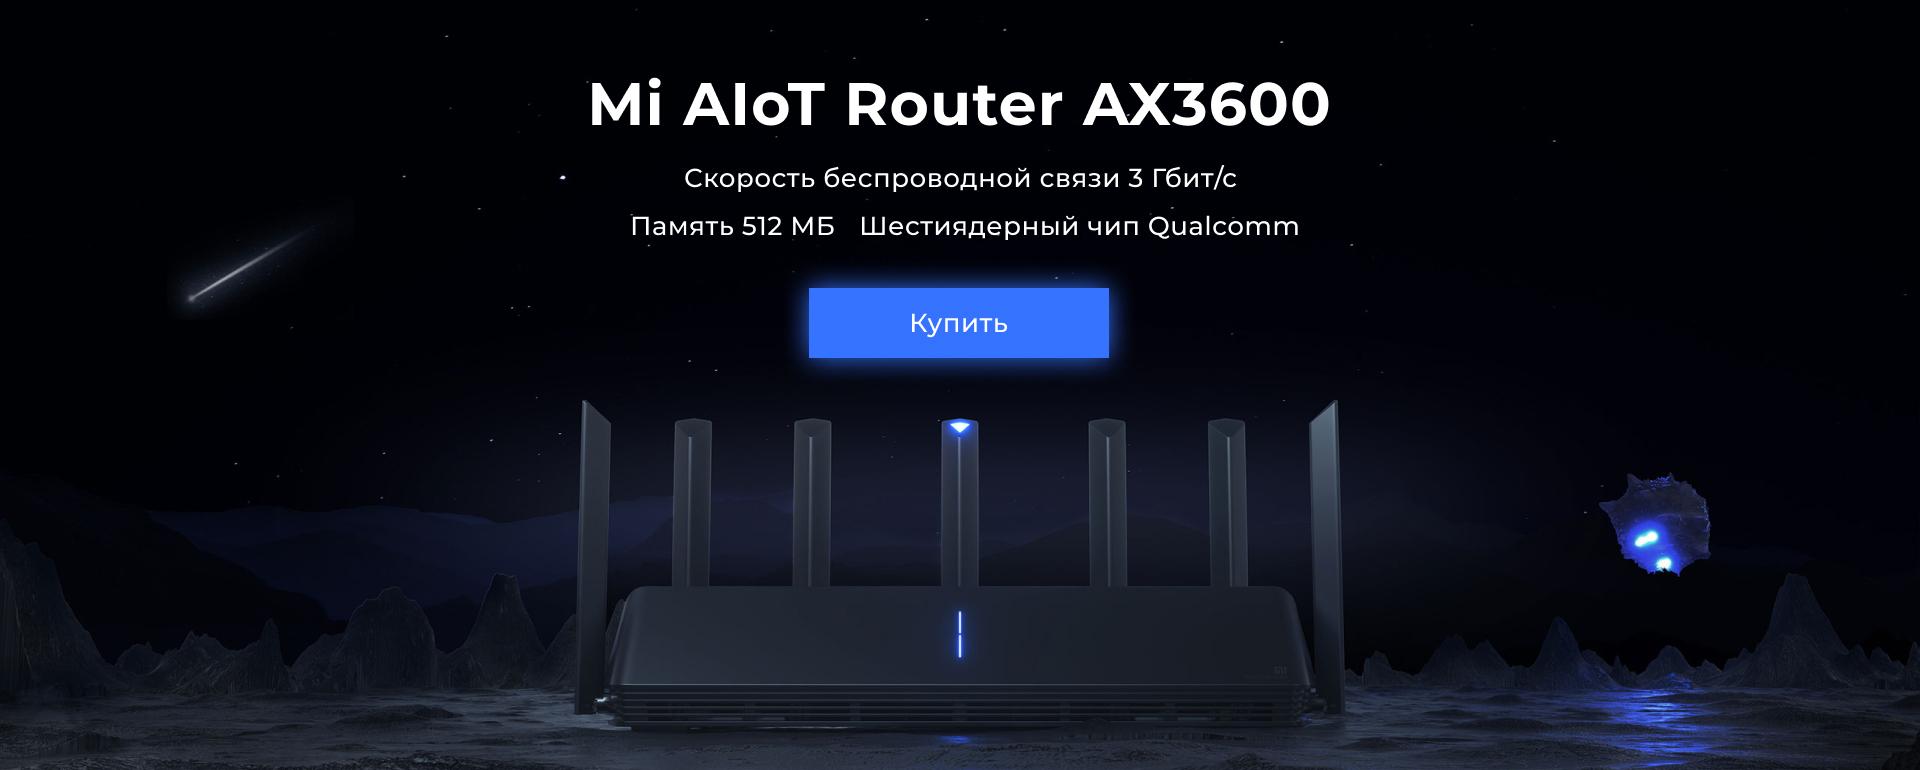 Xiaomi AIoT Router AX3600 купить